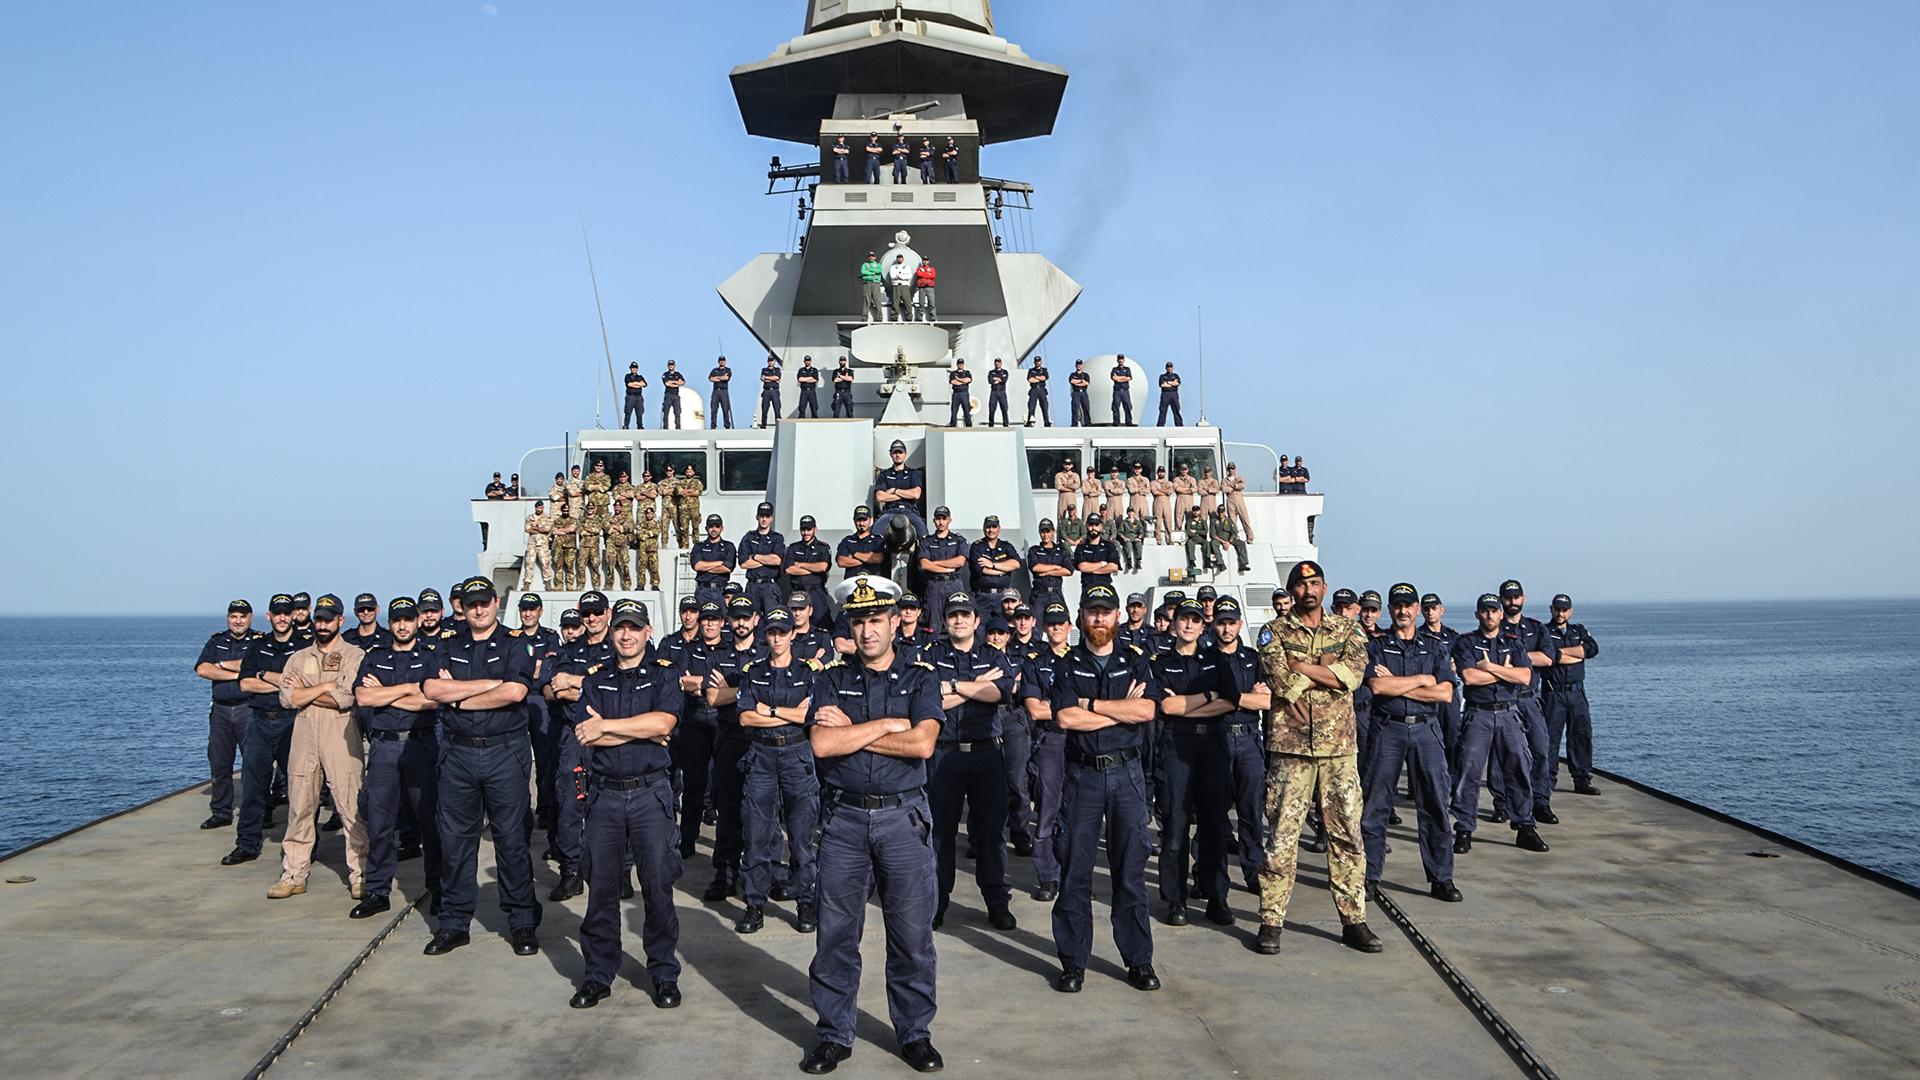 Calendario Marina Militare 2019.Ischia News Ed Eventi Marina Militare Prorogata La